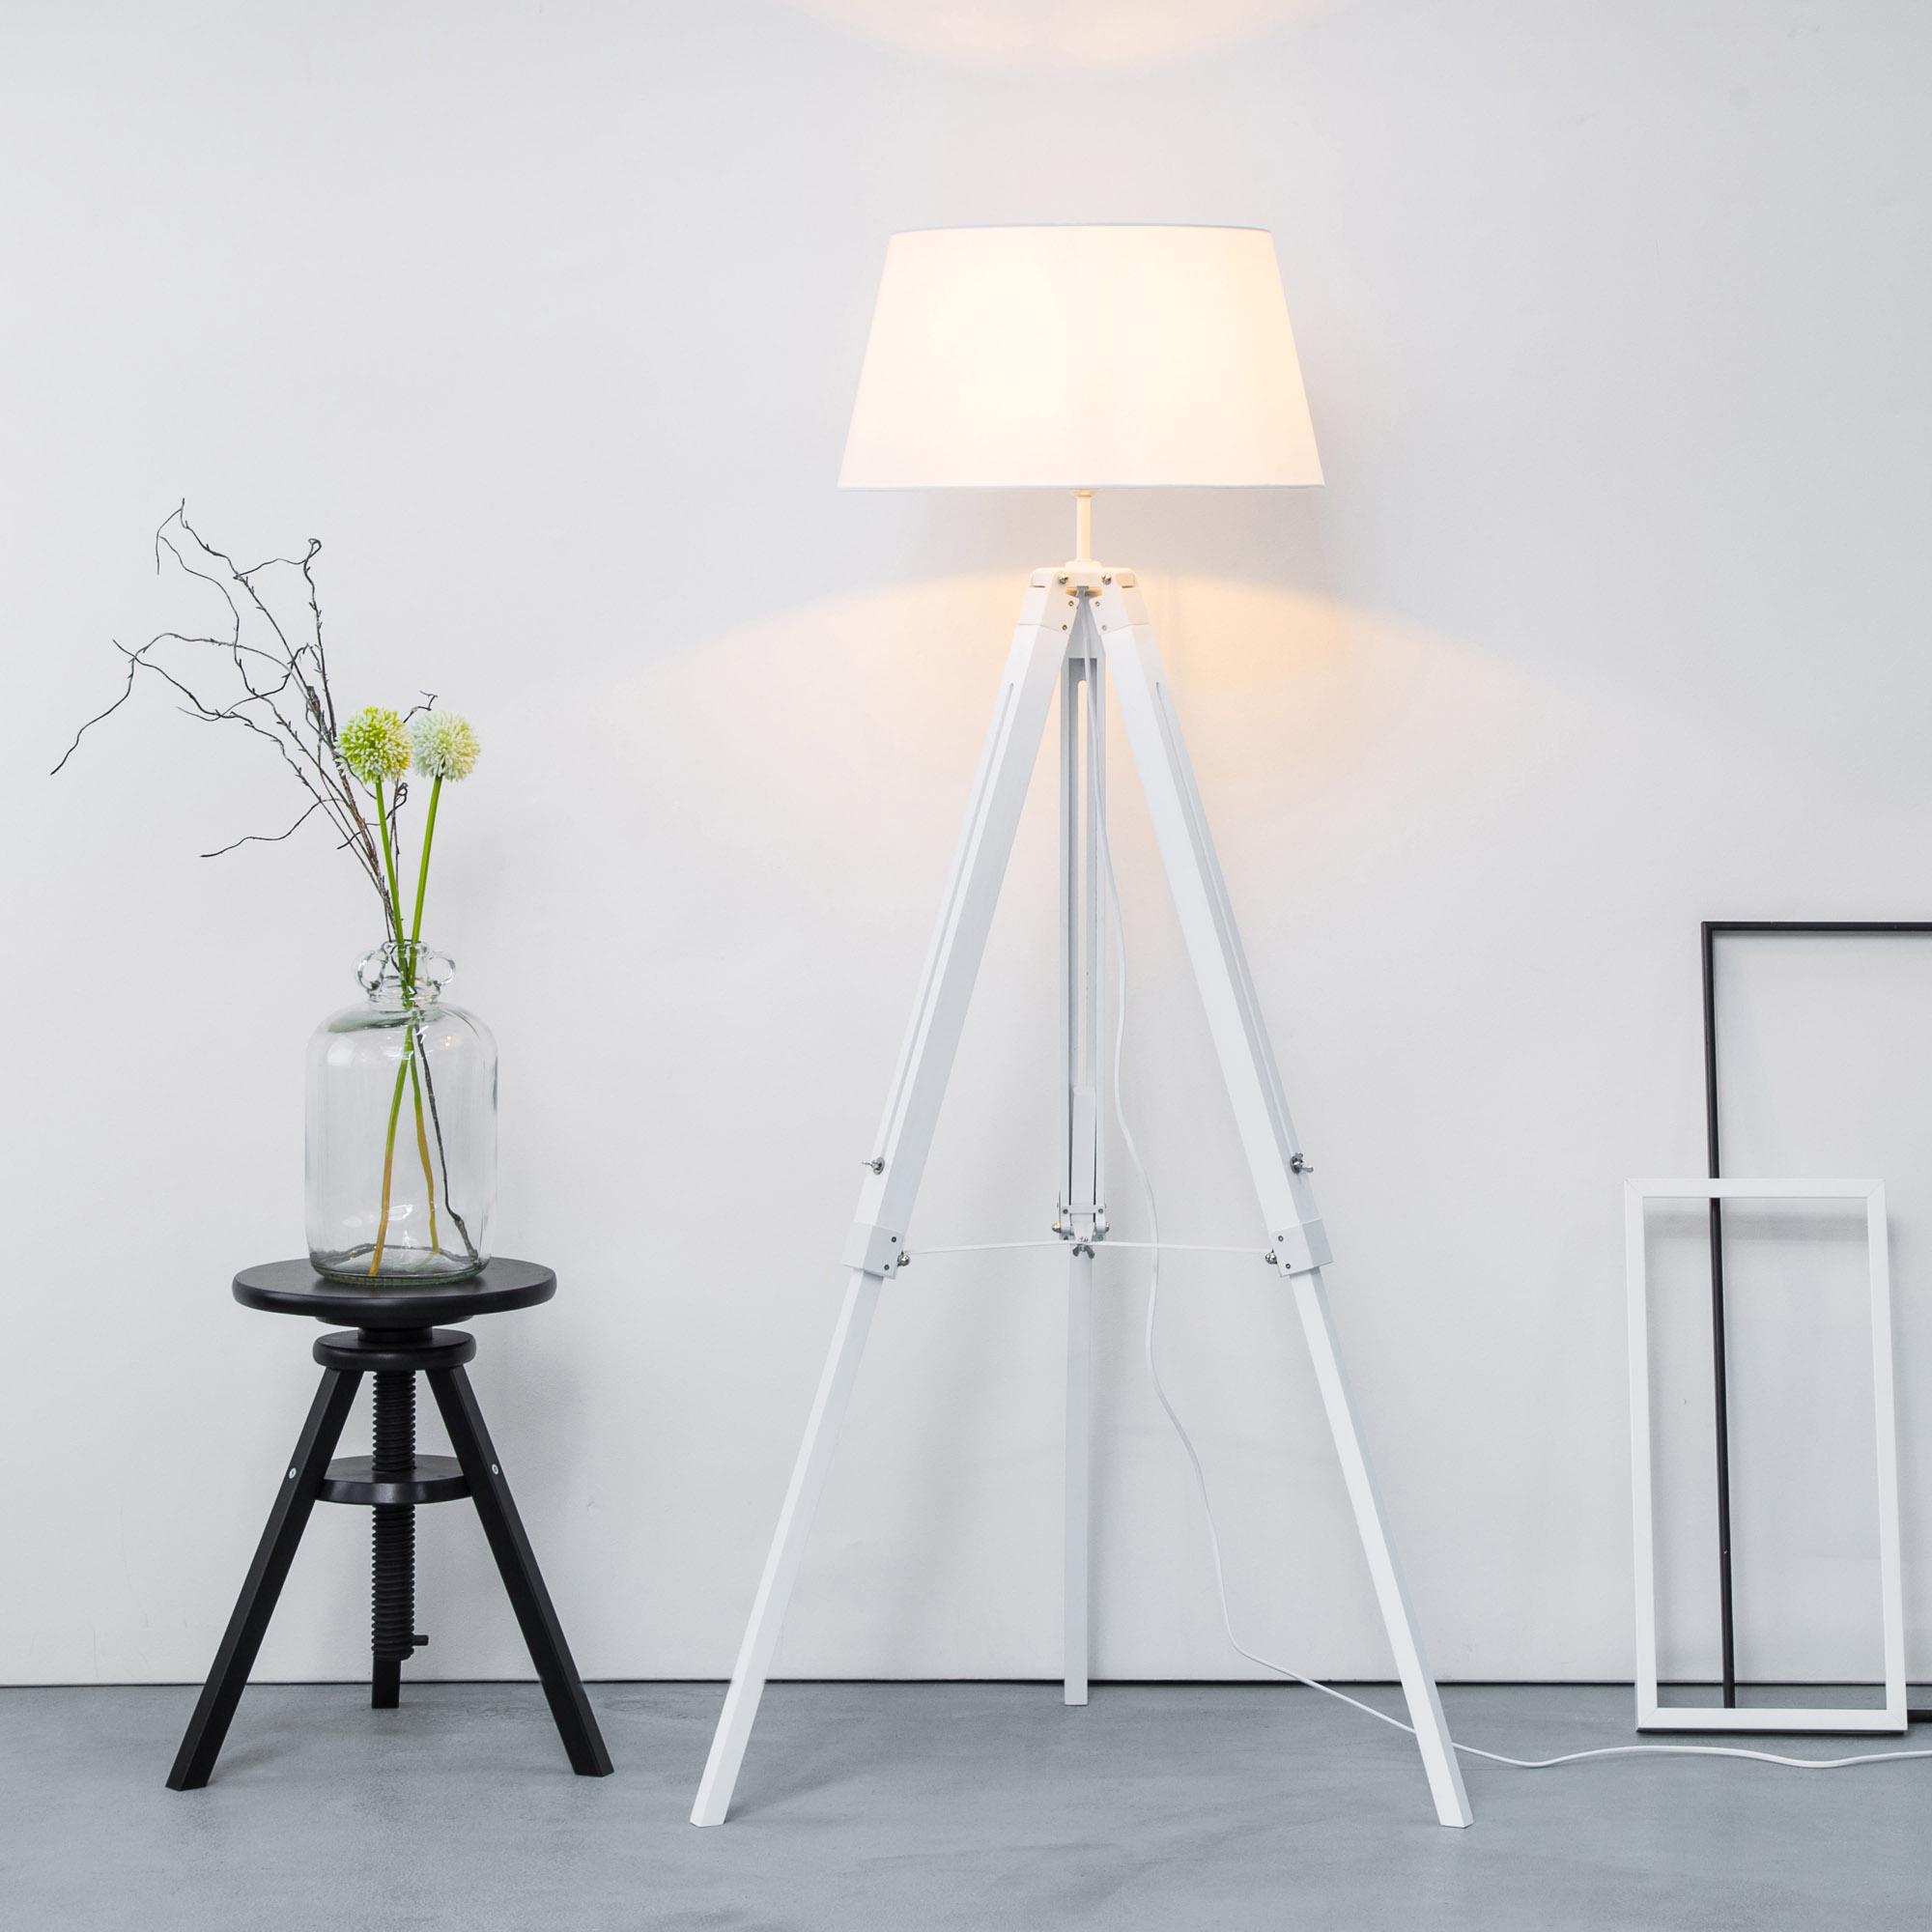 dreibein wei new stehlampe schwarz er gold dreibein weiss gestreift com with dreibein wei. Black Bedroom Furniture Sets. Home Design Ideas